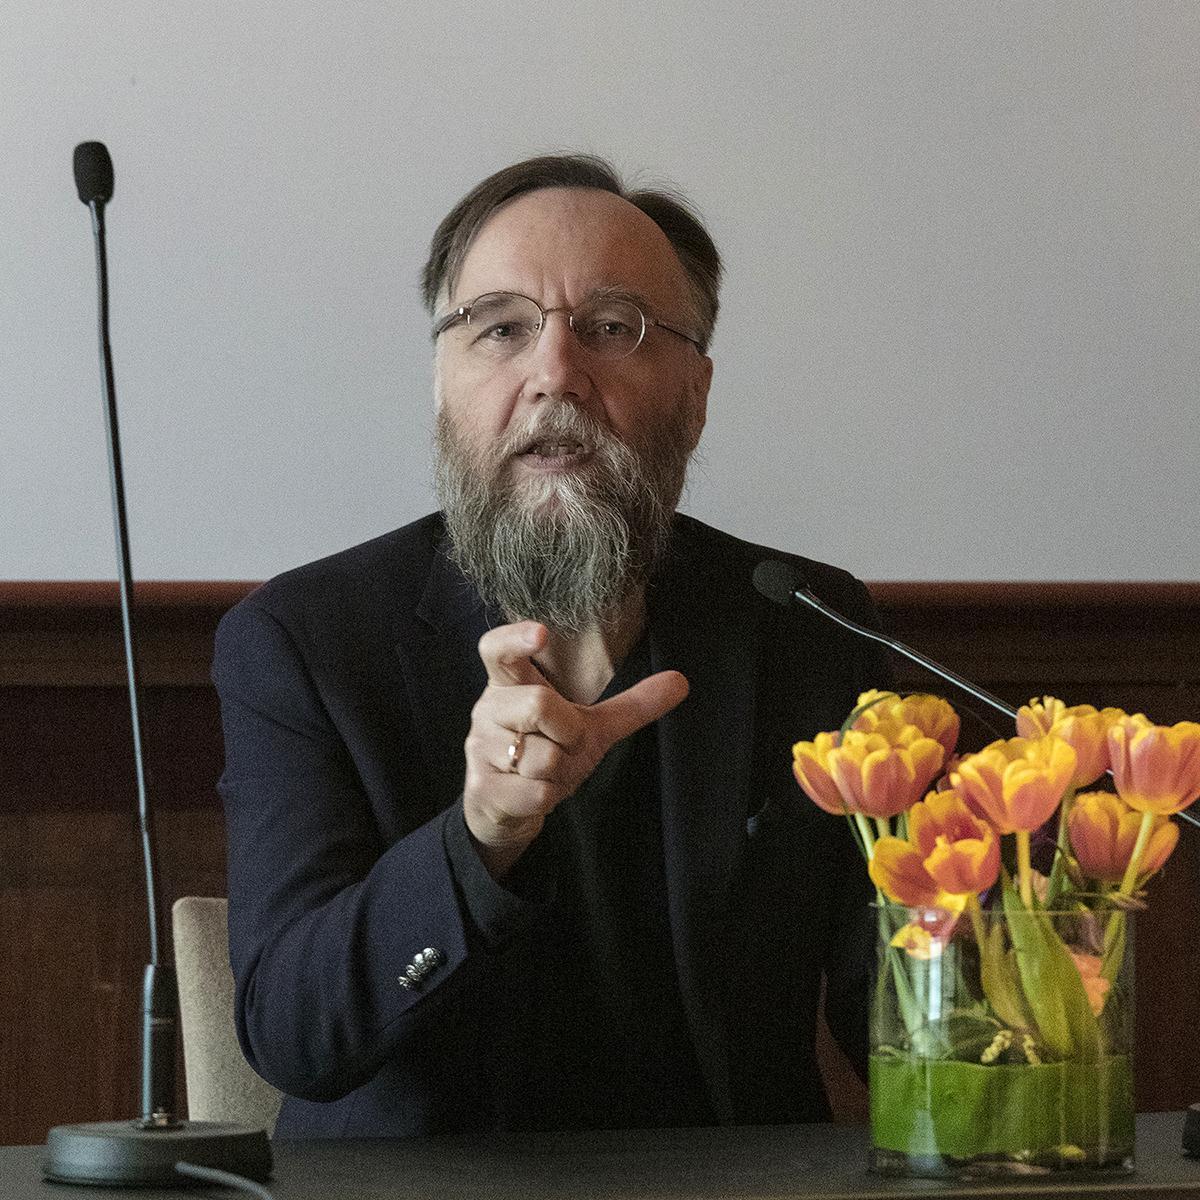 Valokuvaaja Timo Ahola - Lehtikuvat - Aleksander Dugin (c) Valokuvaaja Timo Ahola